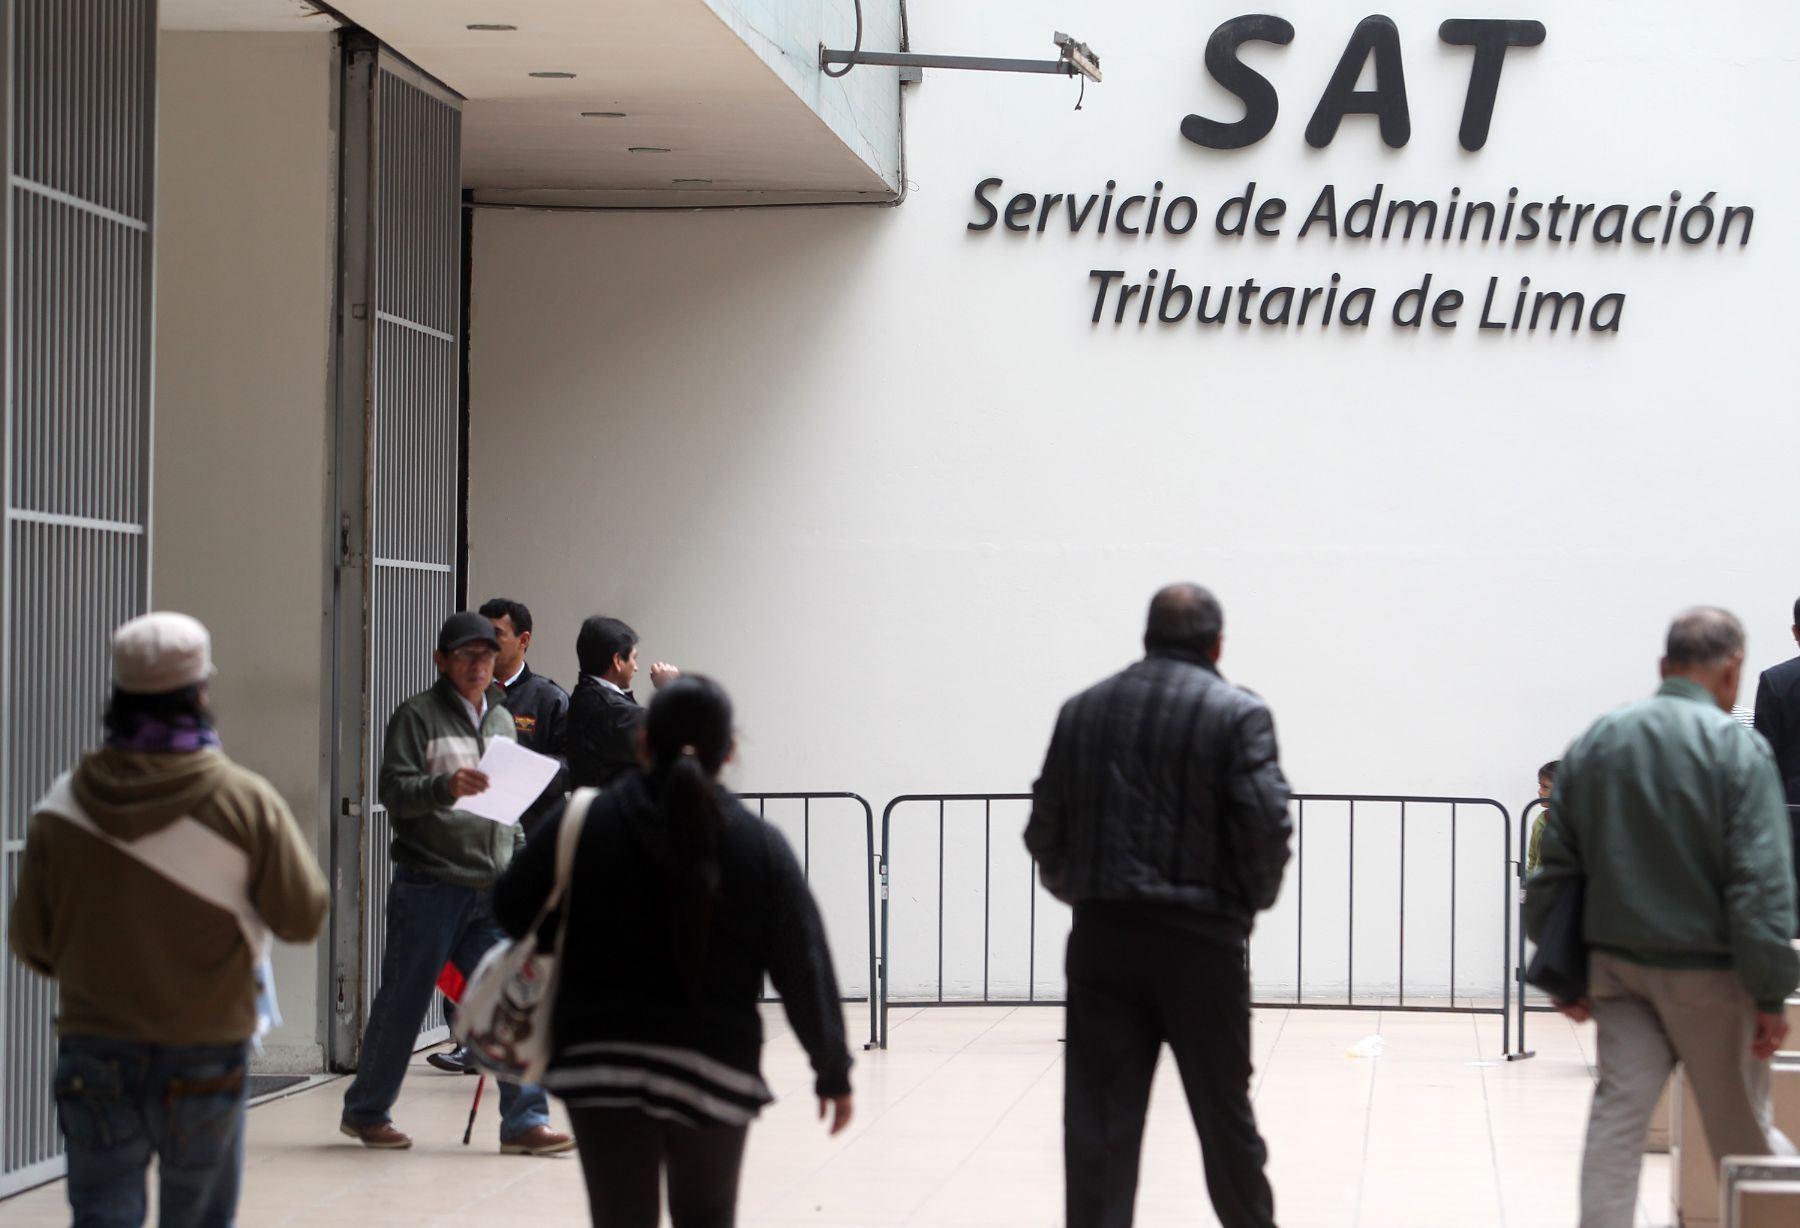 Finalmente y en tercer lugar, está el Servicio de Administración Tributaria de Lima (SAT). Foto: ANDINA/archivo